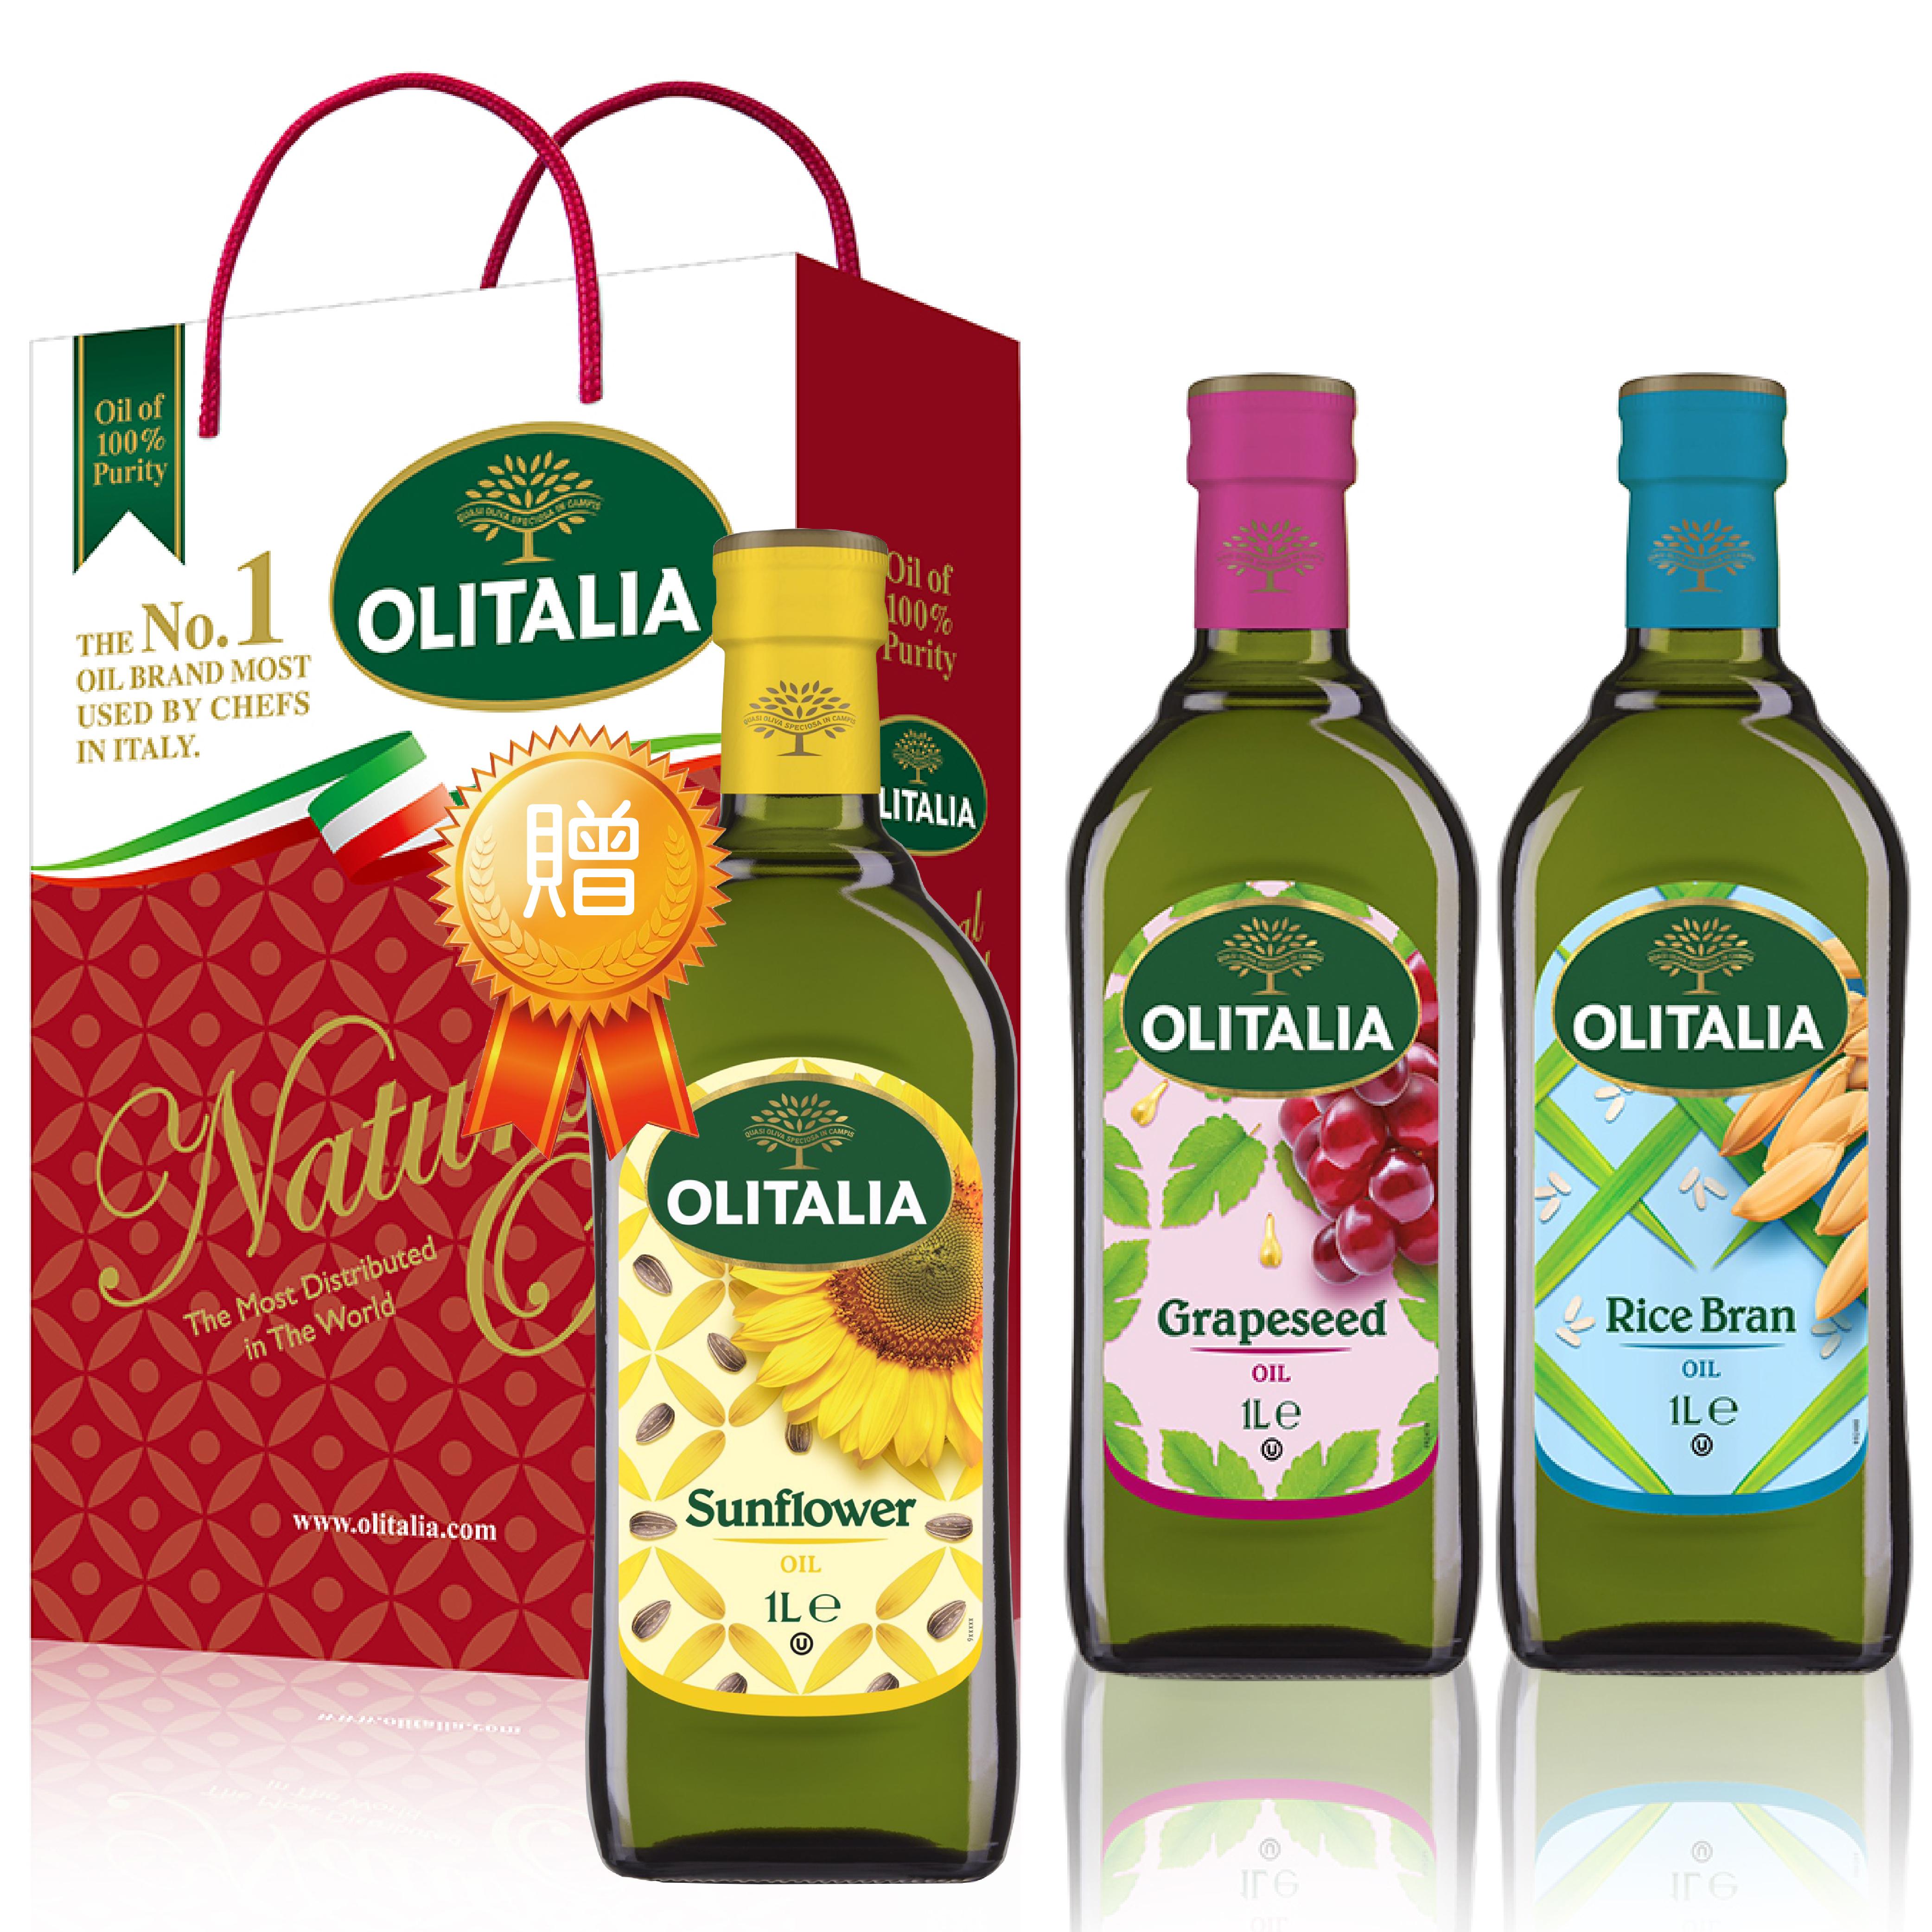 義大利玄葡禮盒1組贈葵花油1000mlx1瓶